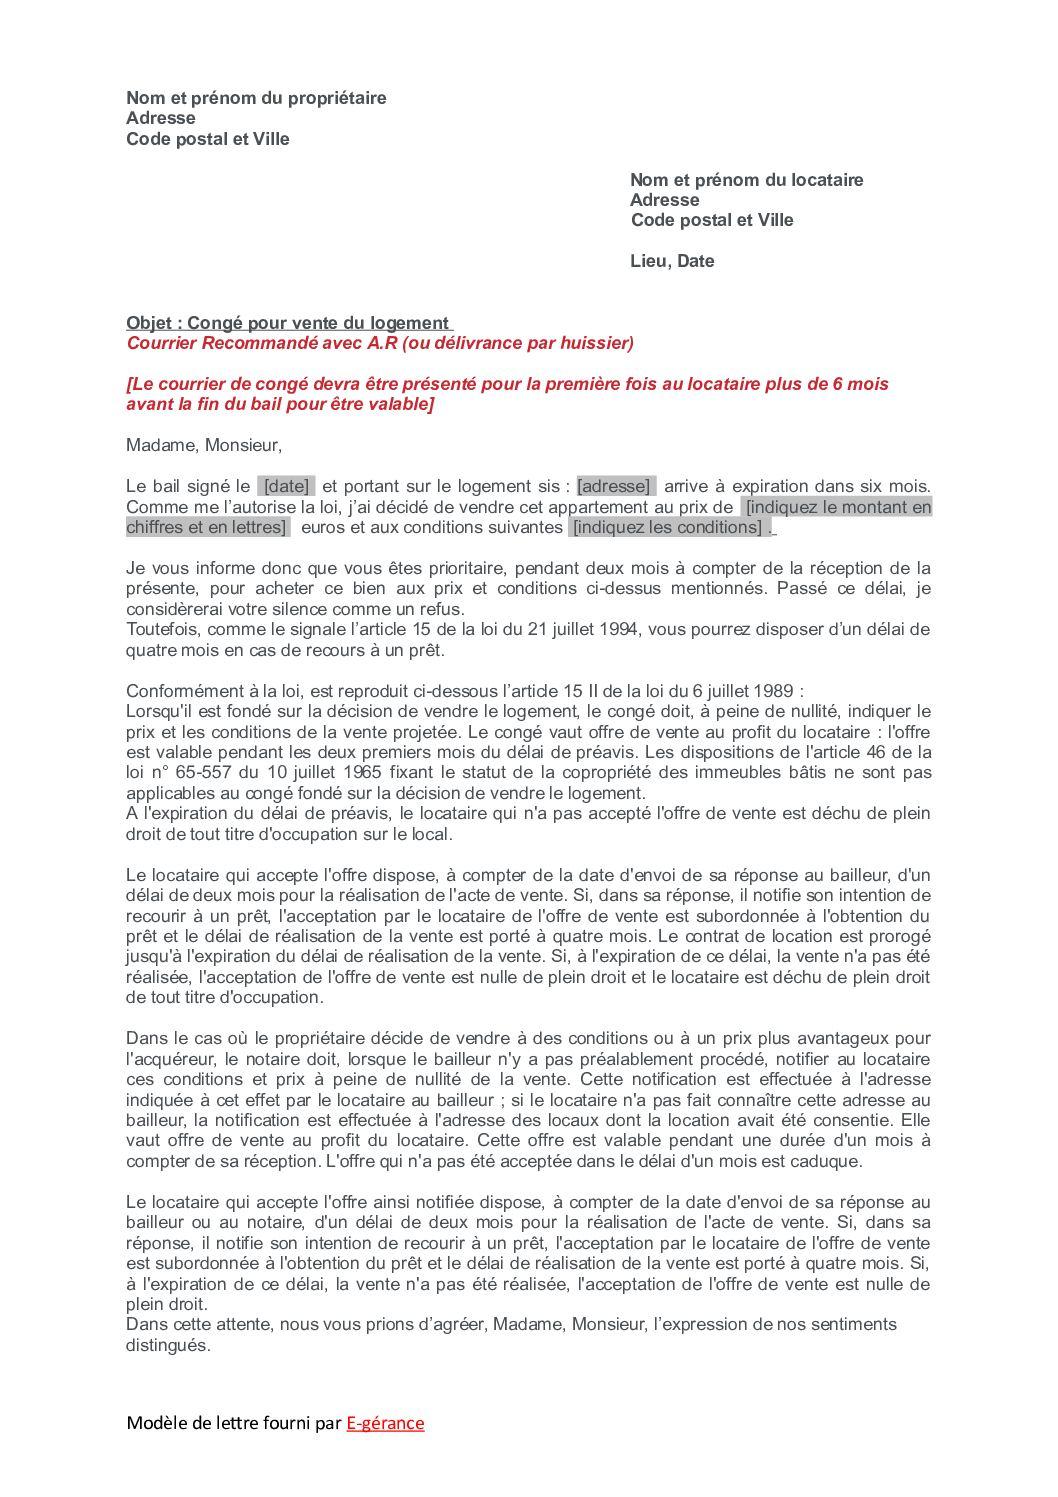 photo modele lettre de resiliation de bail dhabitation par le locataire modele lettre